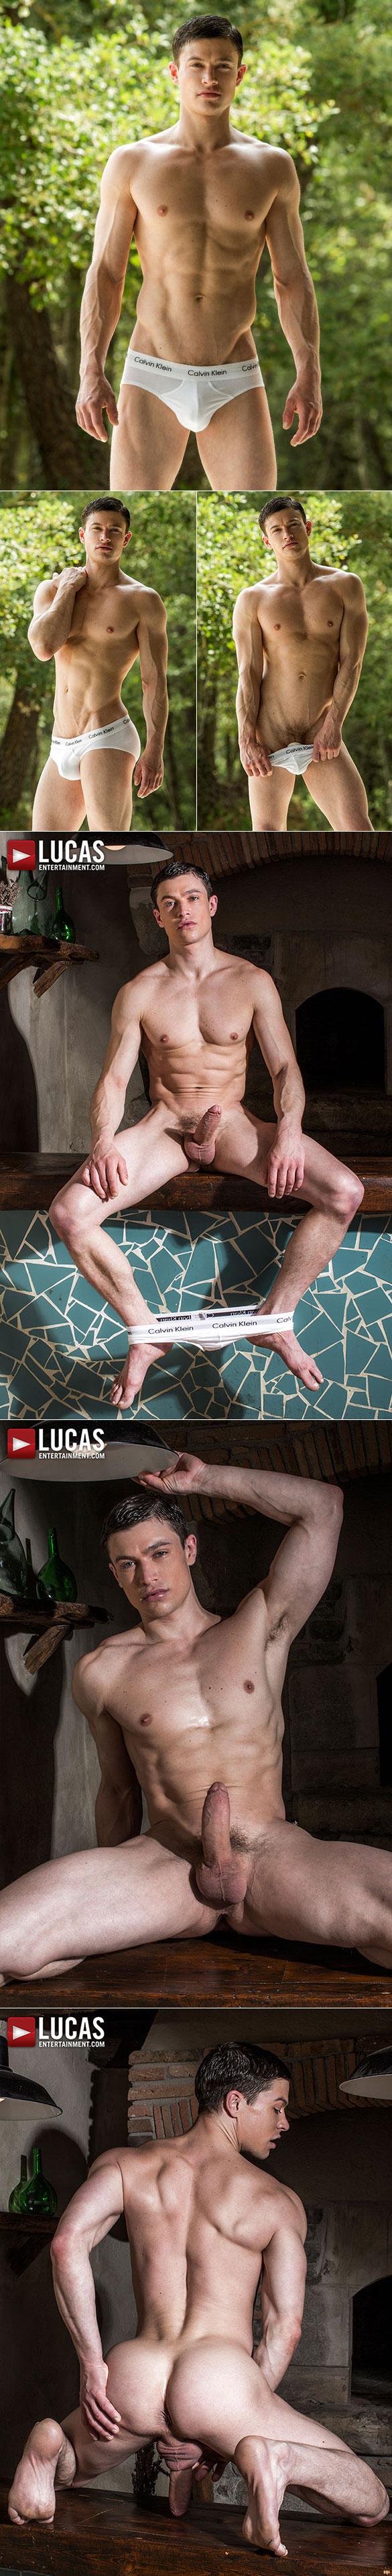 """Lucas Entertainment: Brock Magnus, Ben Batemen, Ruslan Angelo and Damon Heart in """"Raw Double Penetrations 07: Jam Packed"""""""